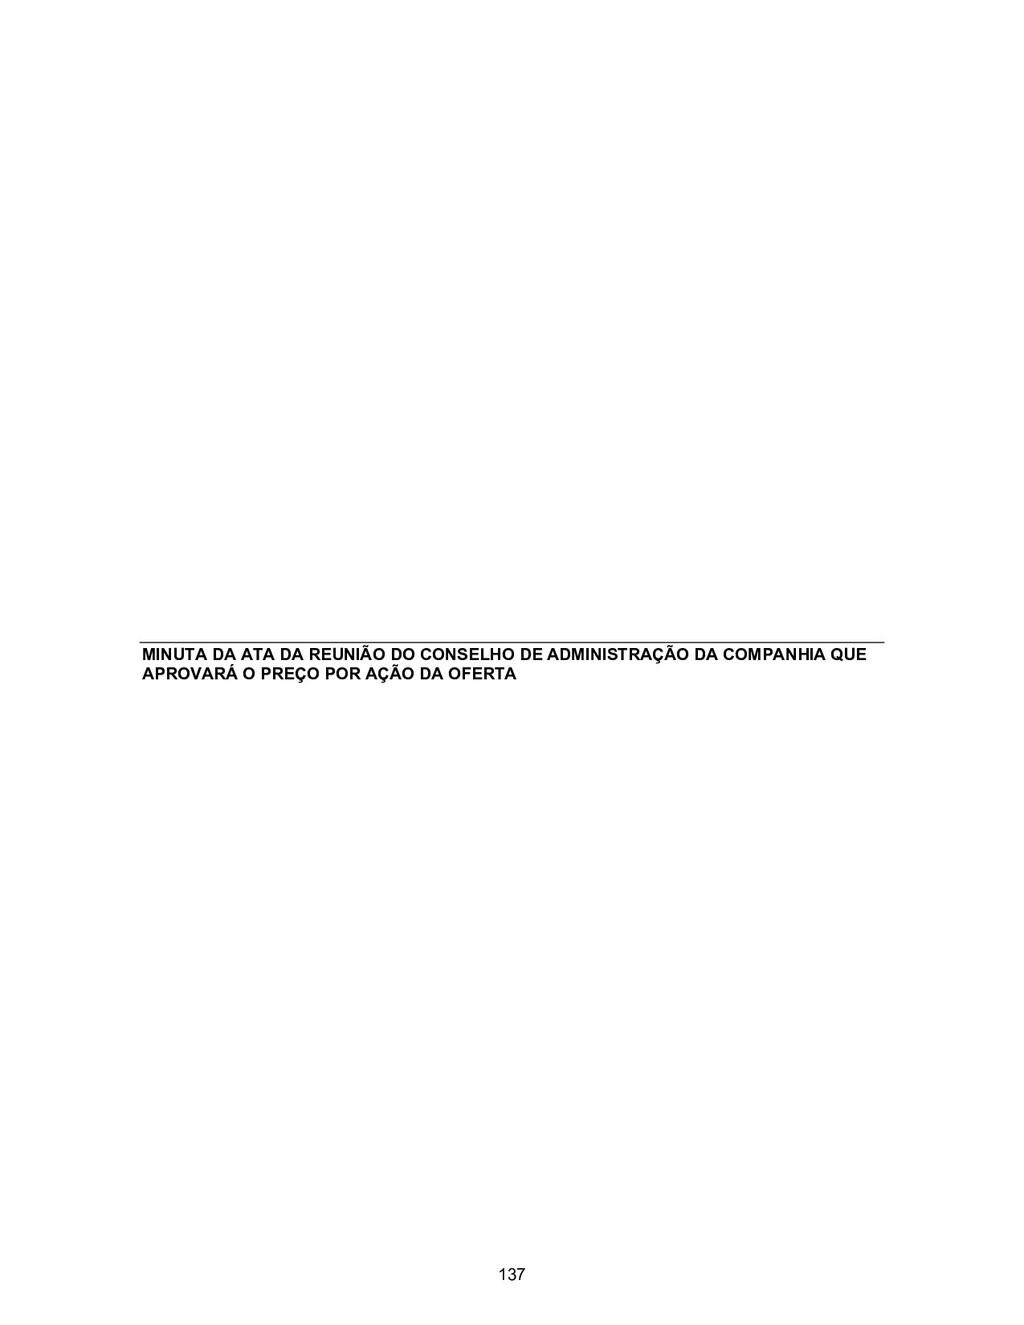 MINUTA DA ATA DA REUNIÃO DO CONSELHO DE ADMINIS...